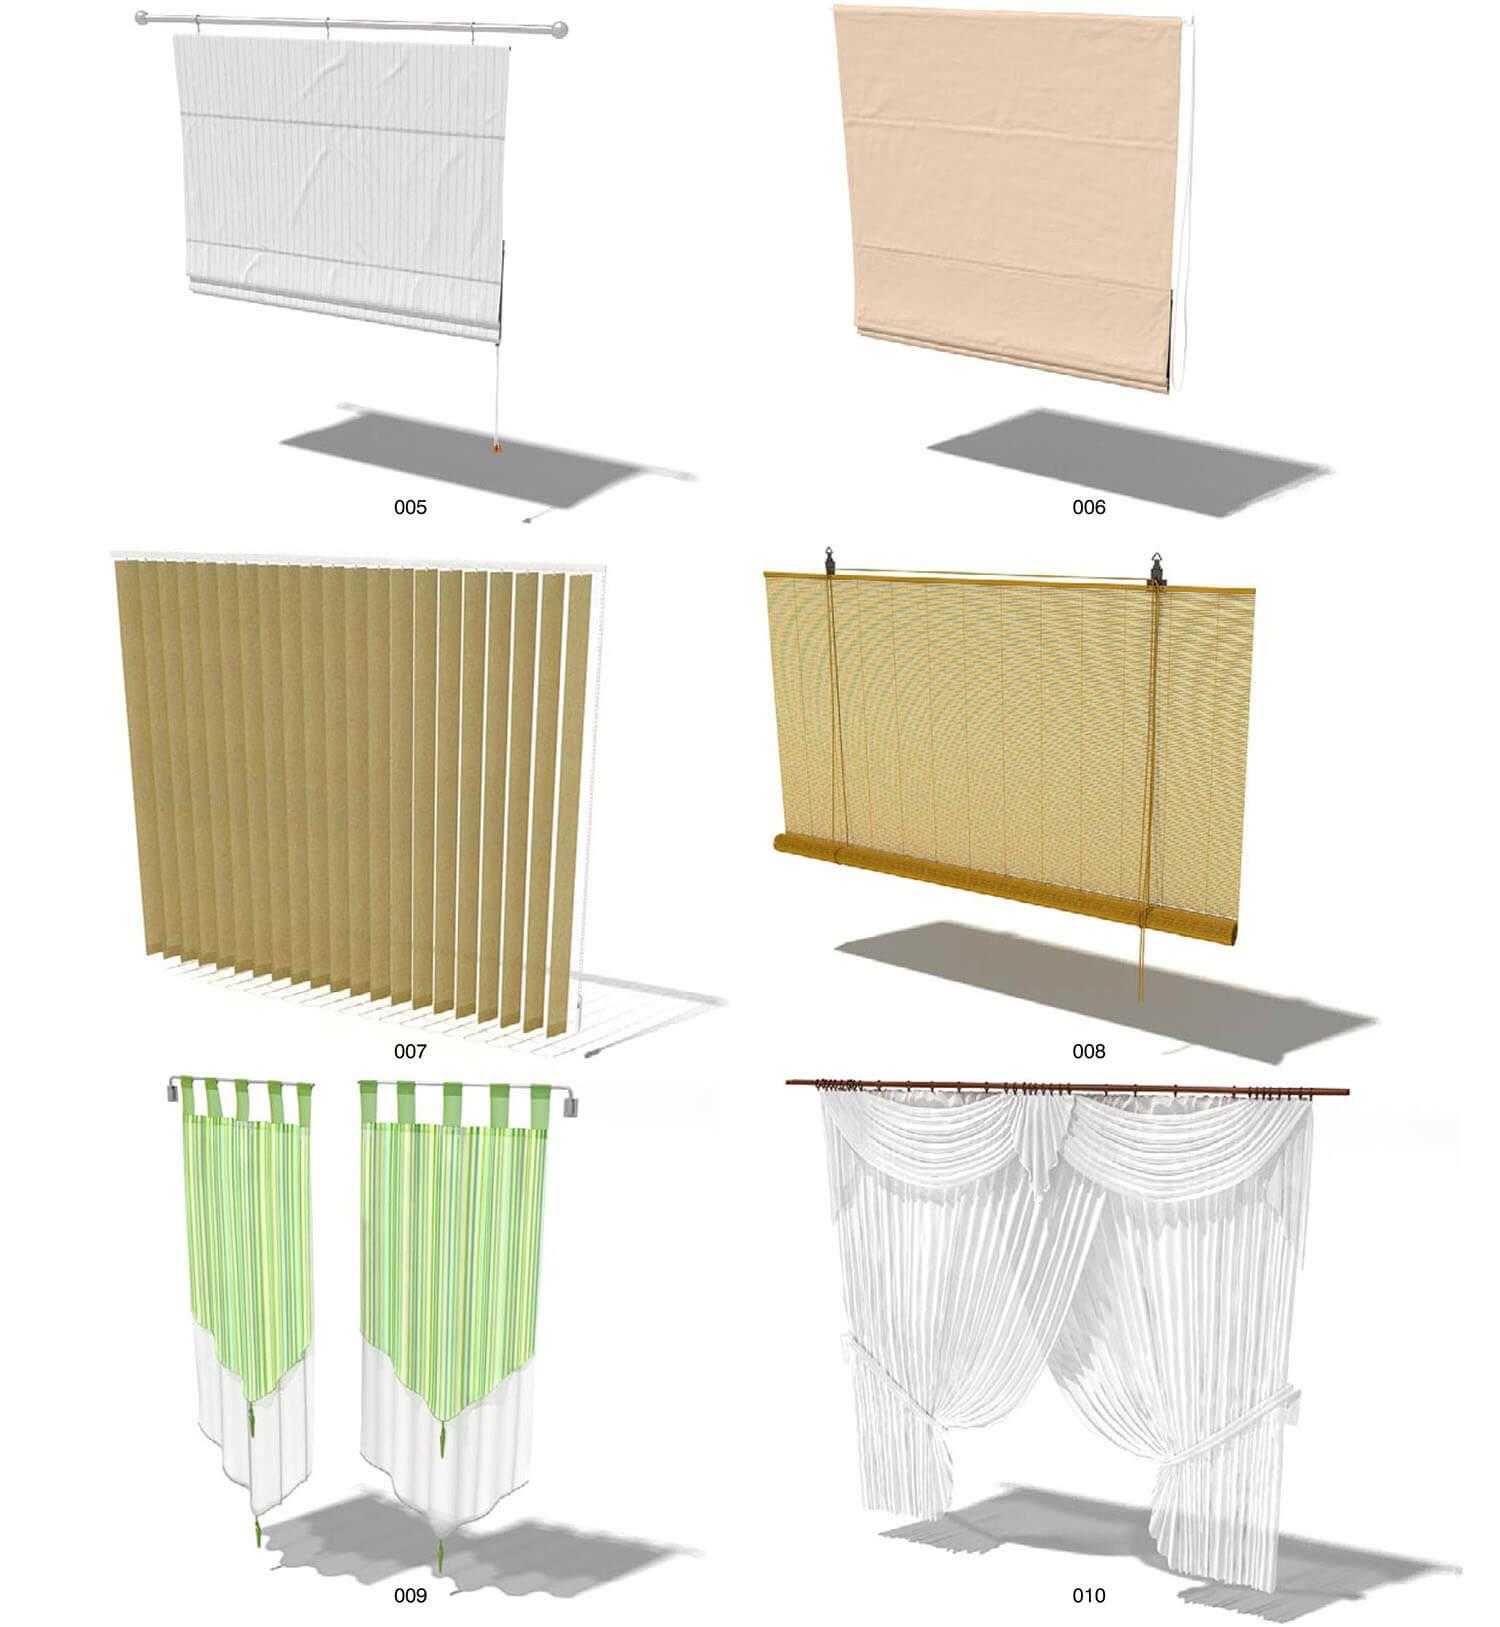 Rèm gỗ và rèm tre trúc là chất liệu đời mới và thời trang hiện nay